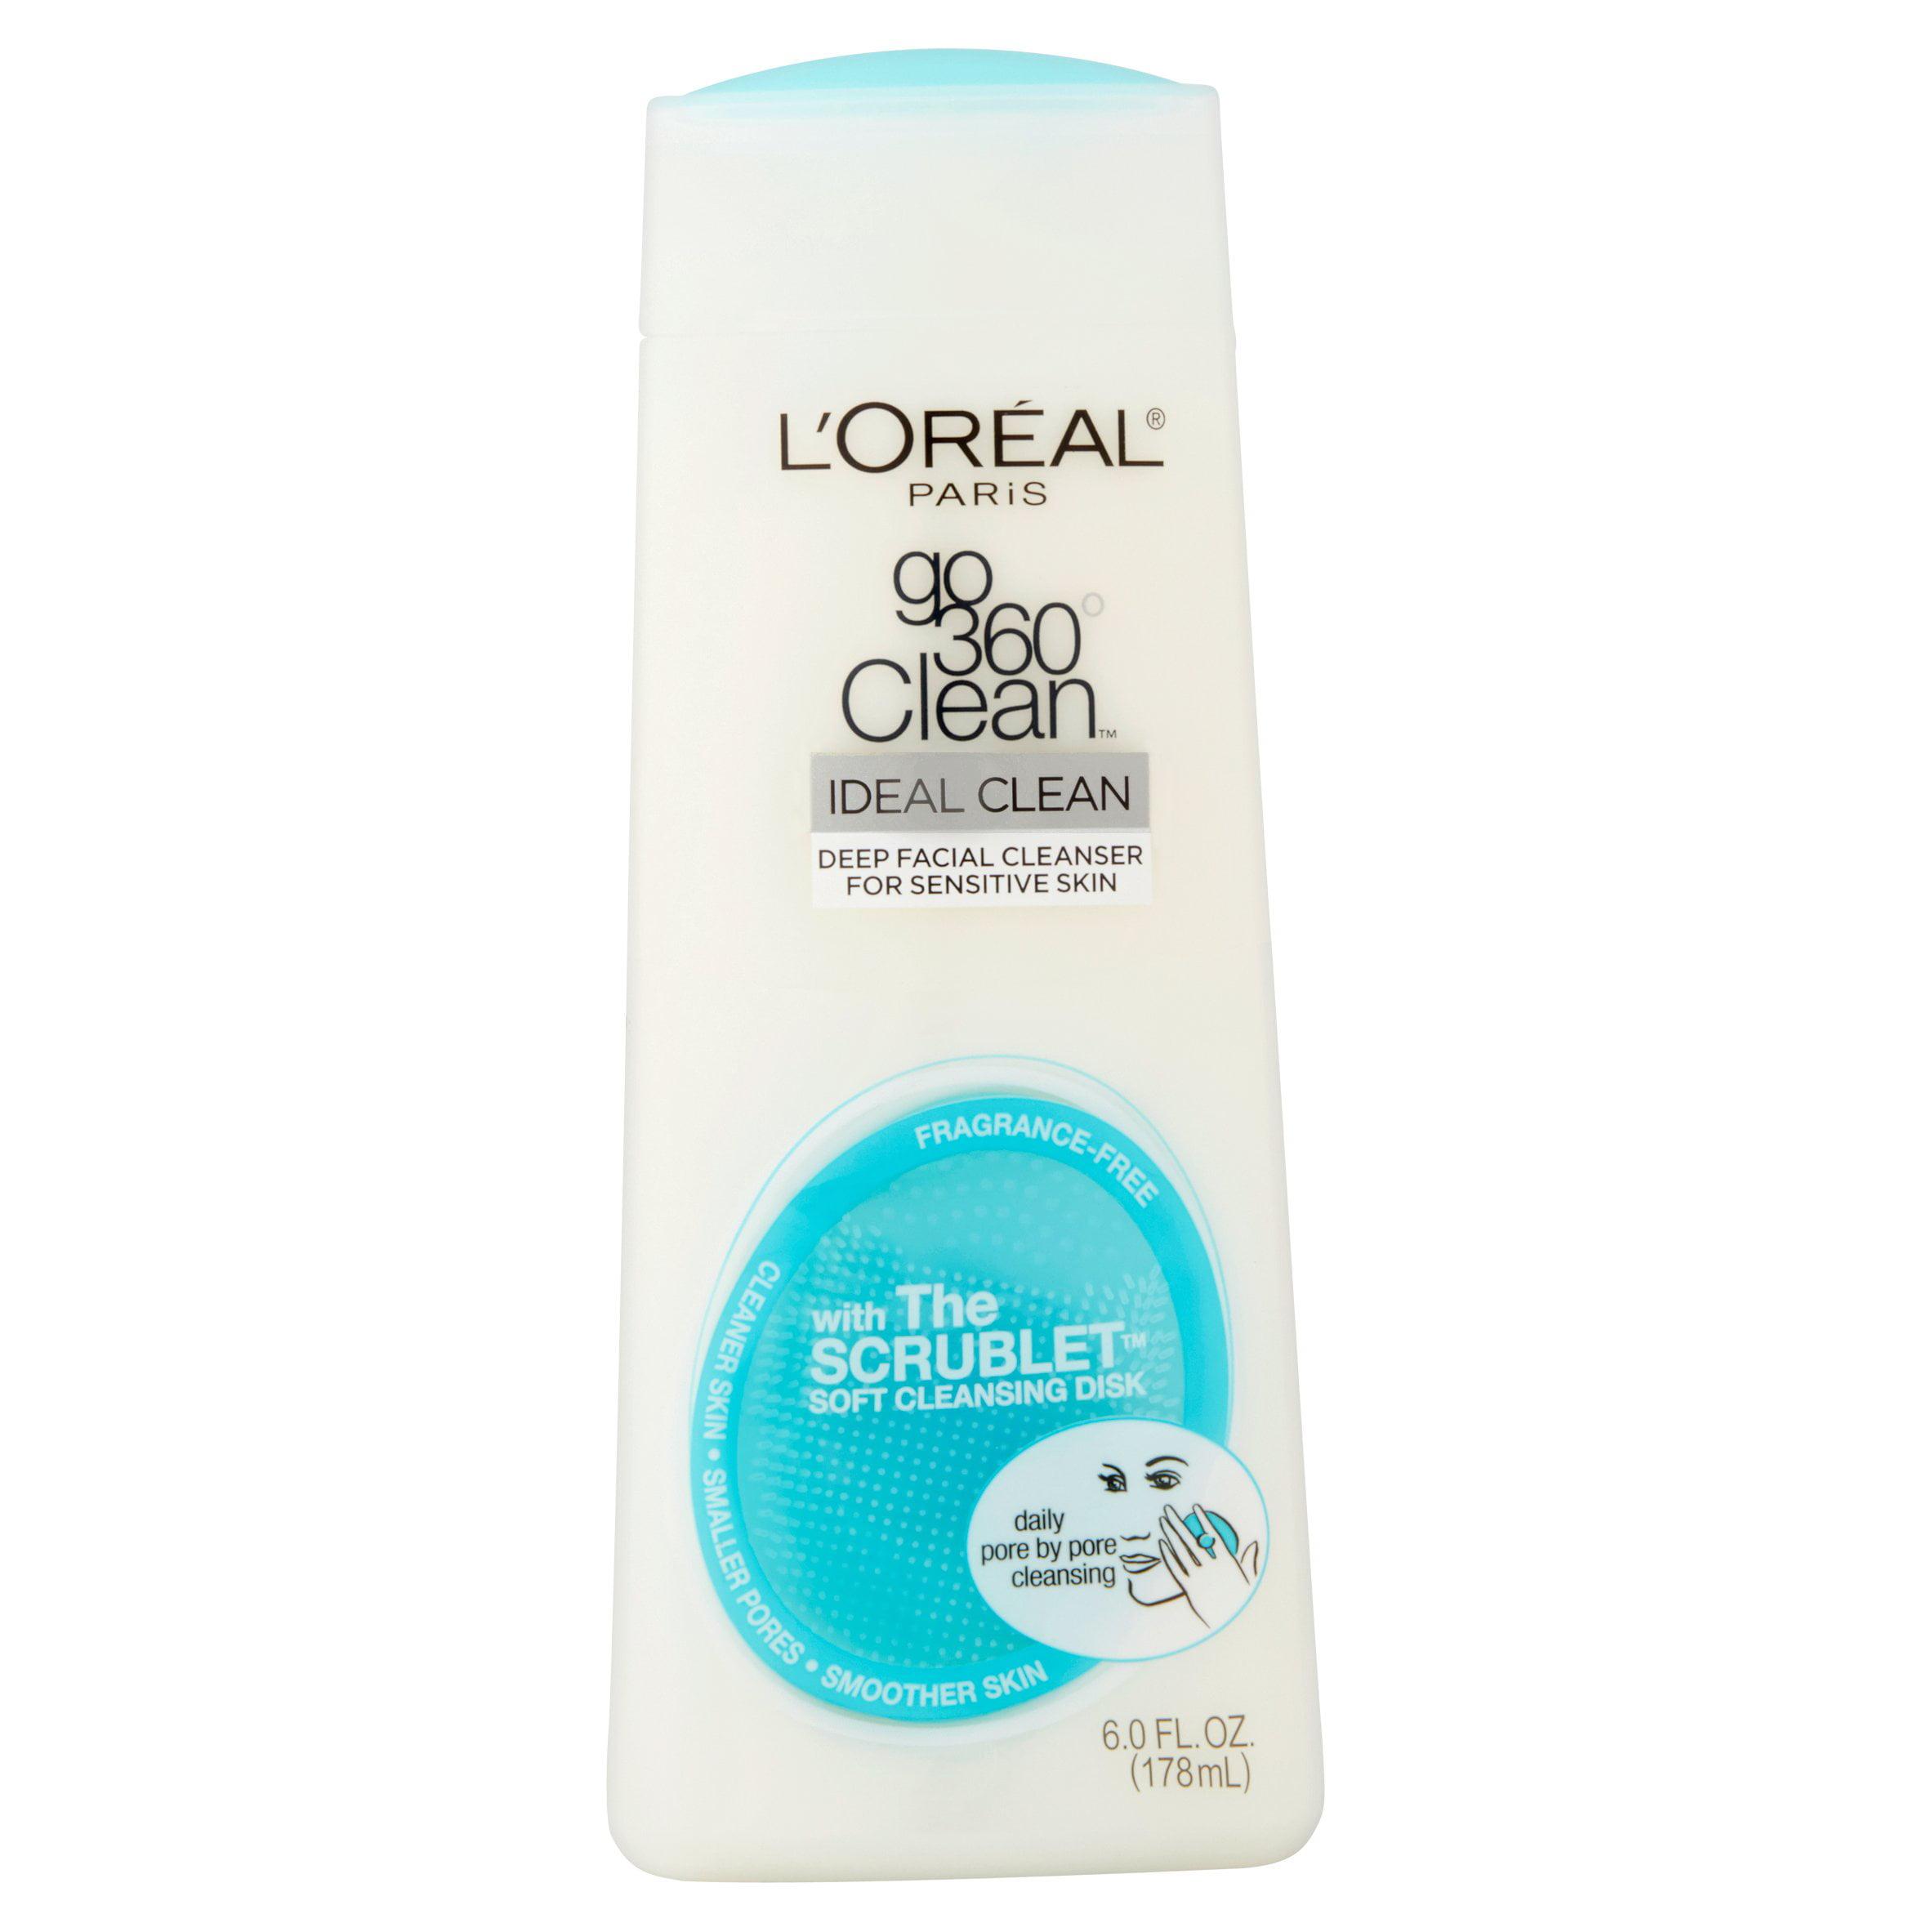 L'Or��al Paris Go 360�� Clean Ideal Clean Deep Facial Cleanser, 6.0 fl oz